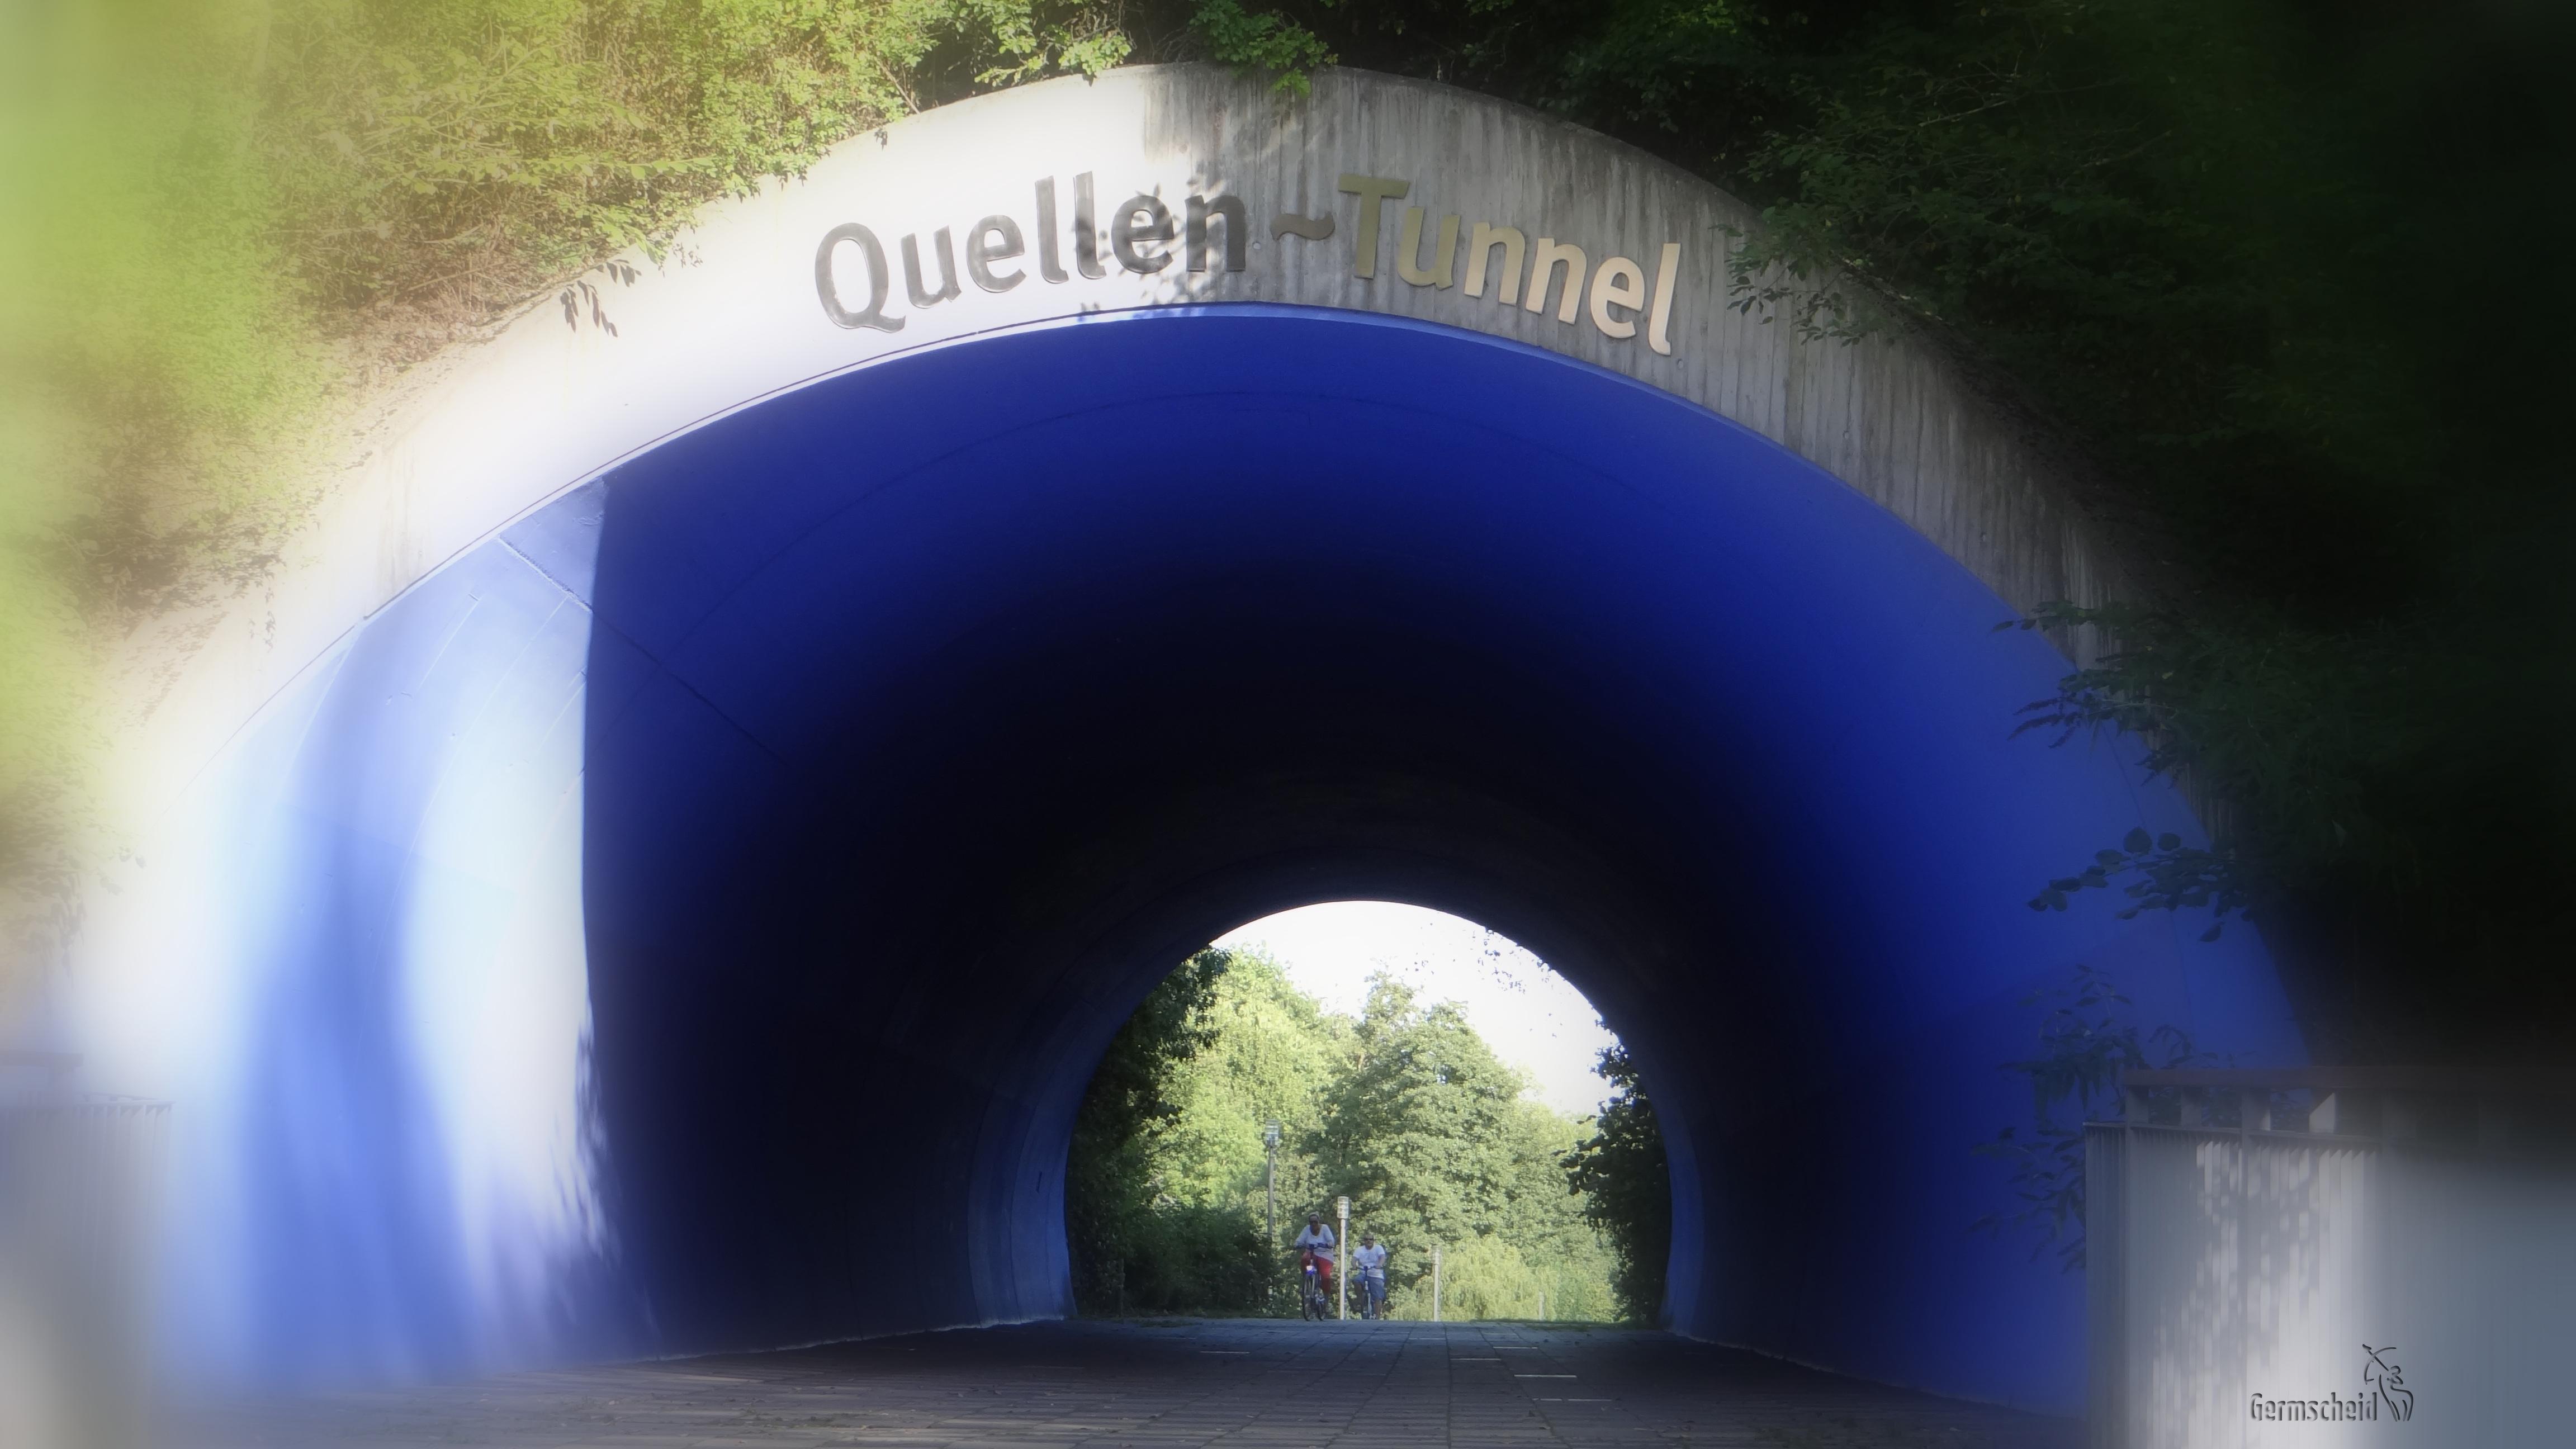 Quellentunnel